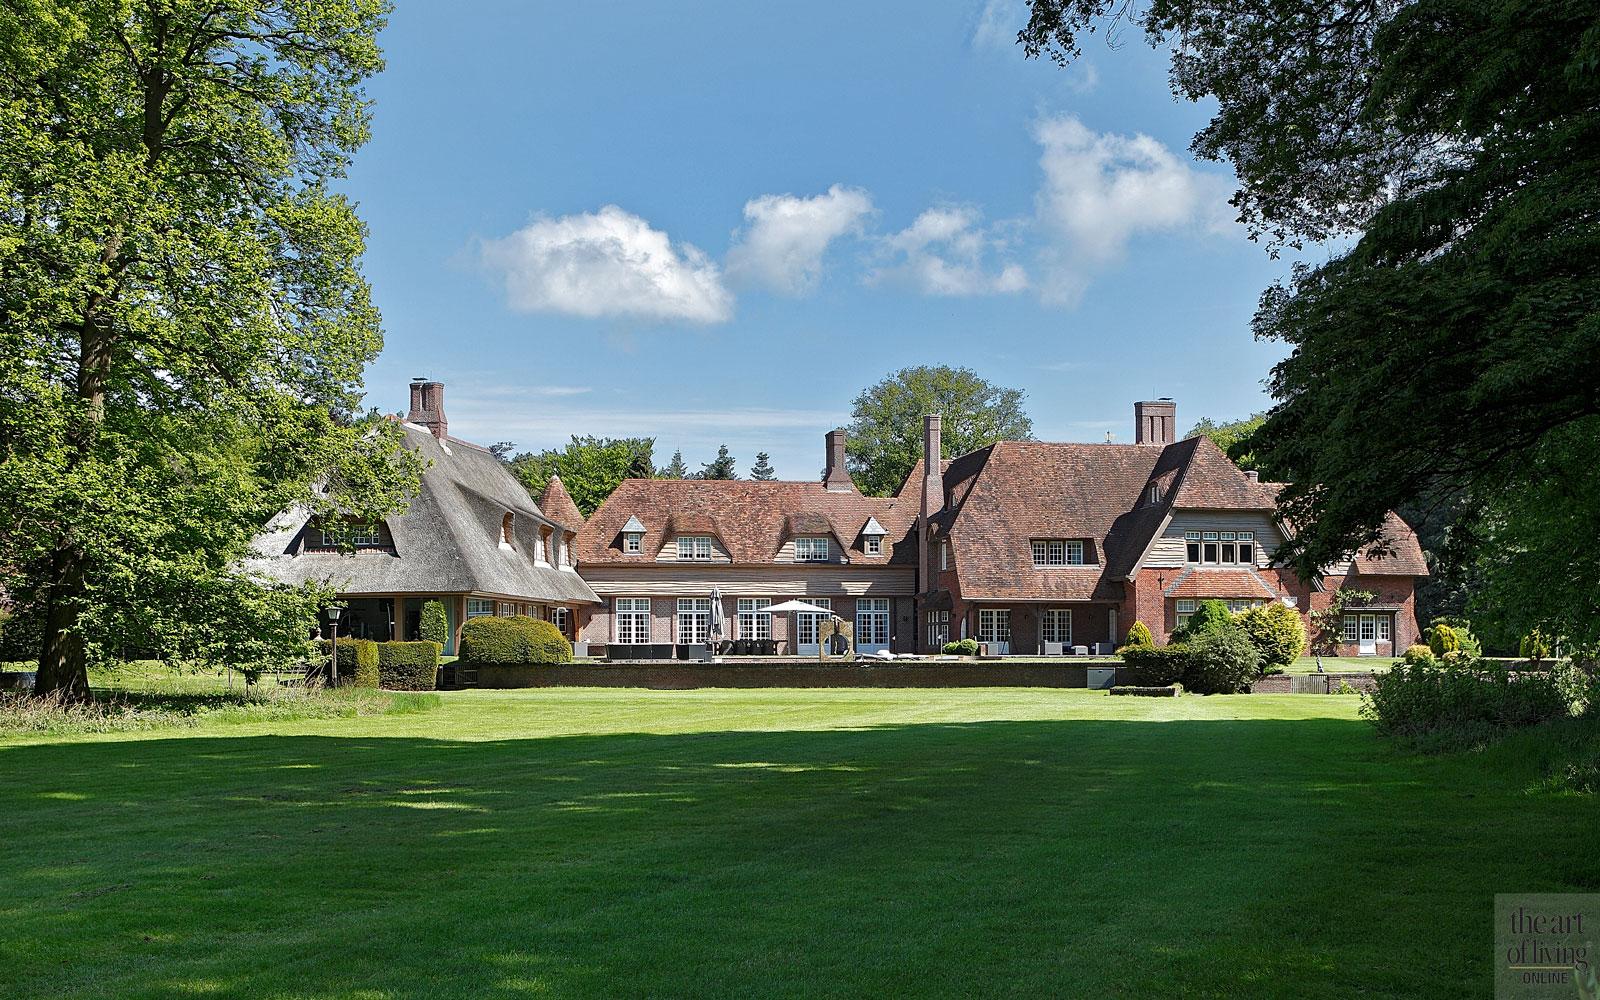 Villabouw in landelijke stijl, landelijk huis, villa, landelijke villa, landhuis, landhuis meneer frits, landhuis frits philips, the Art of Living